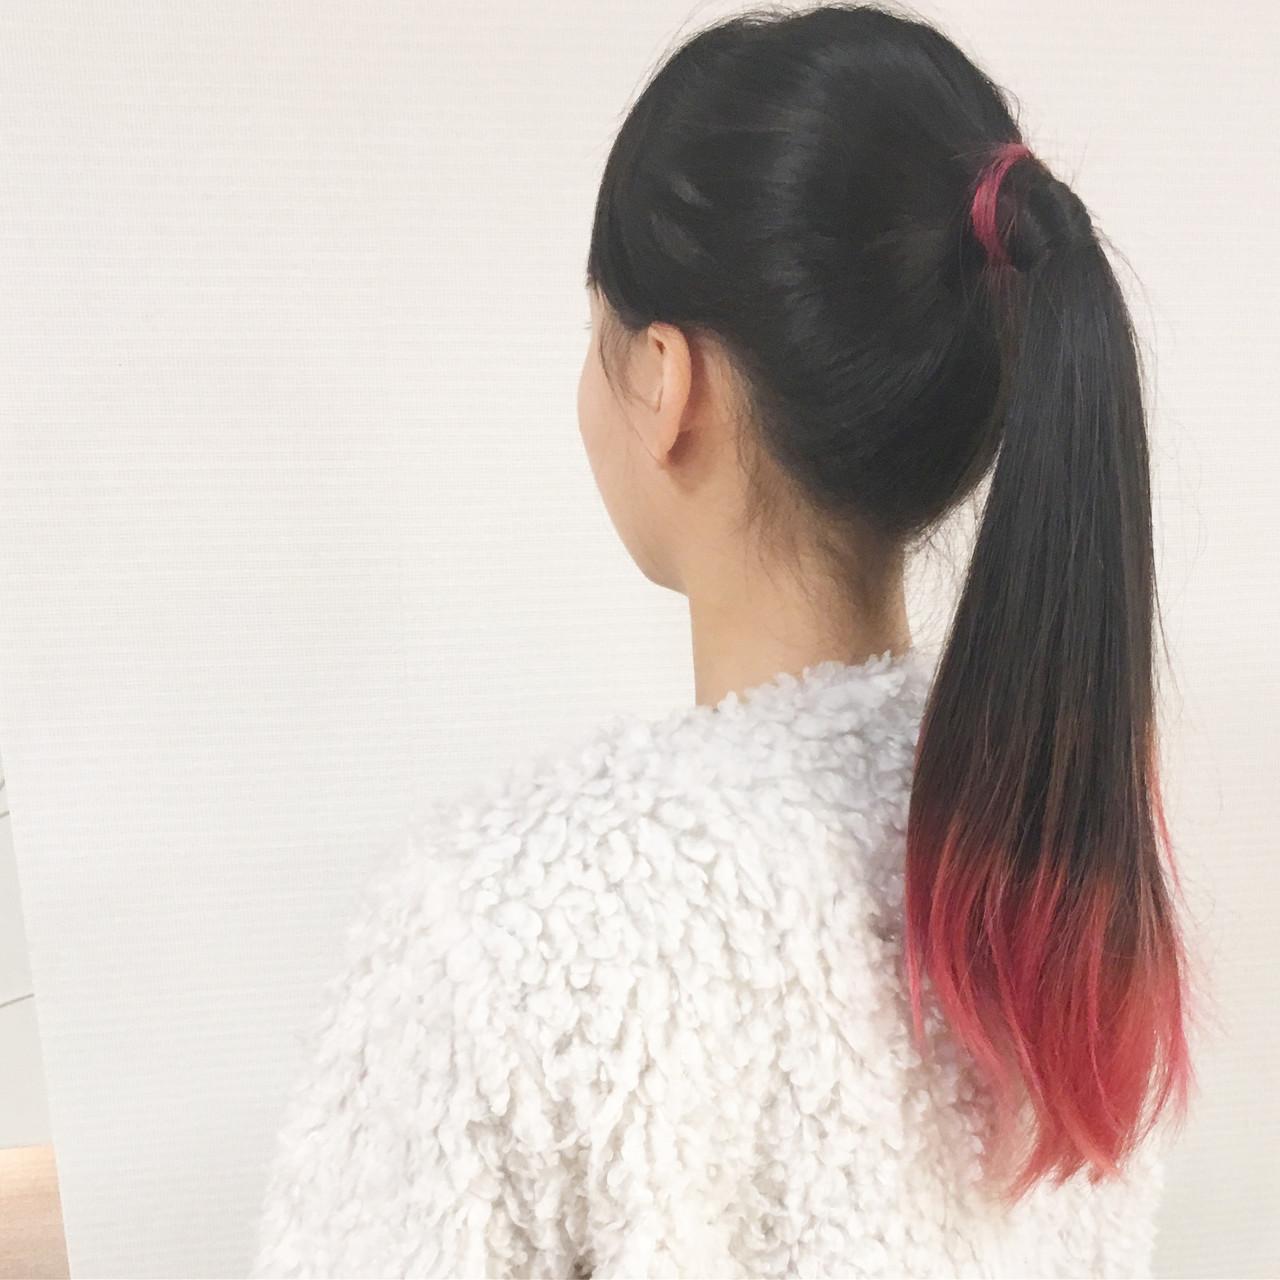 ガーリー アンニュイほつれヘア ロング 簡単ヘアアレンジ ヘアスタイルや髪型の写真・画像